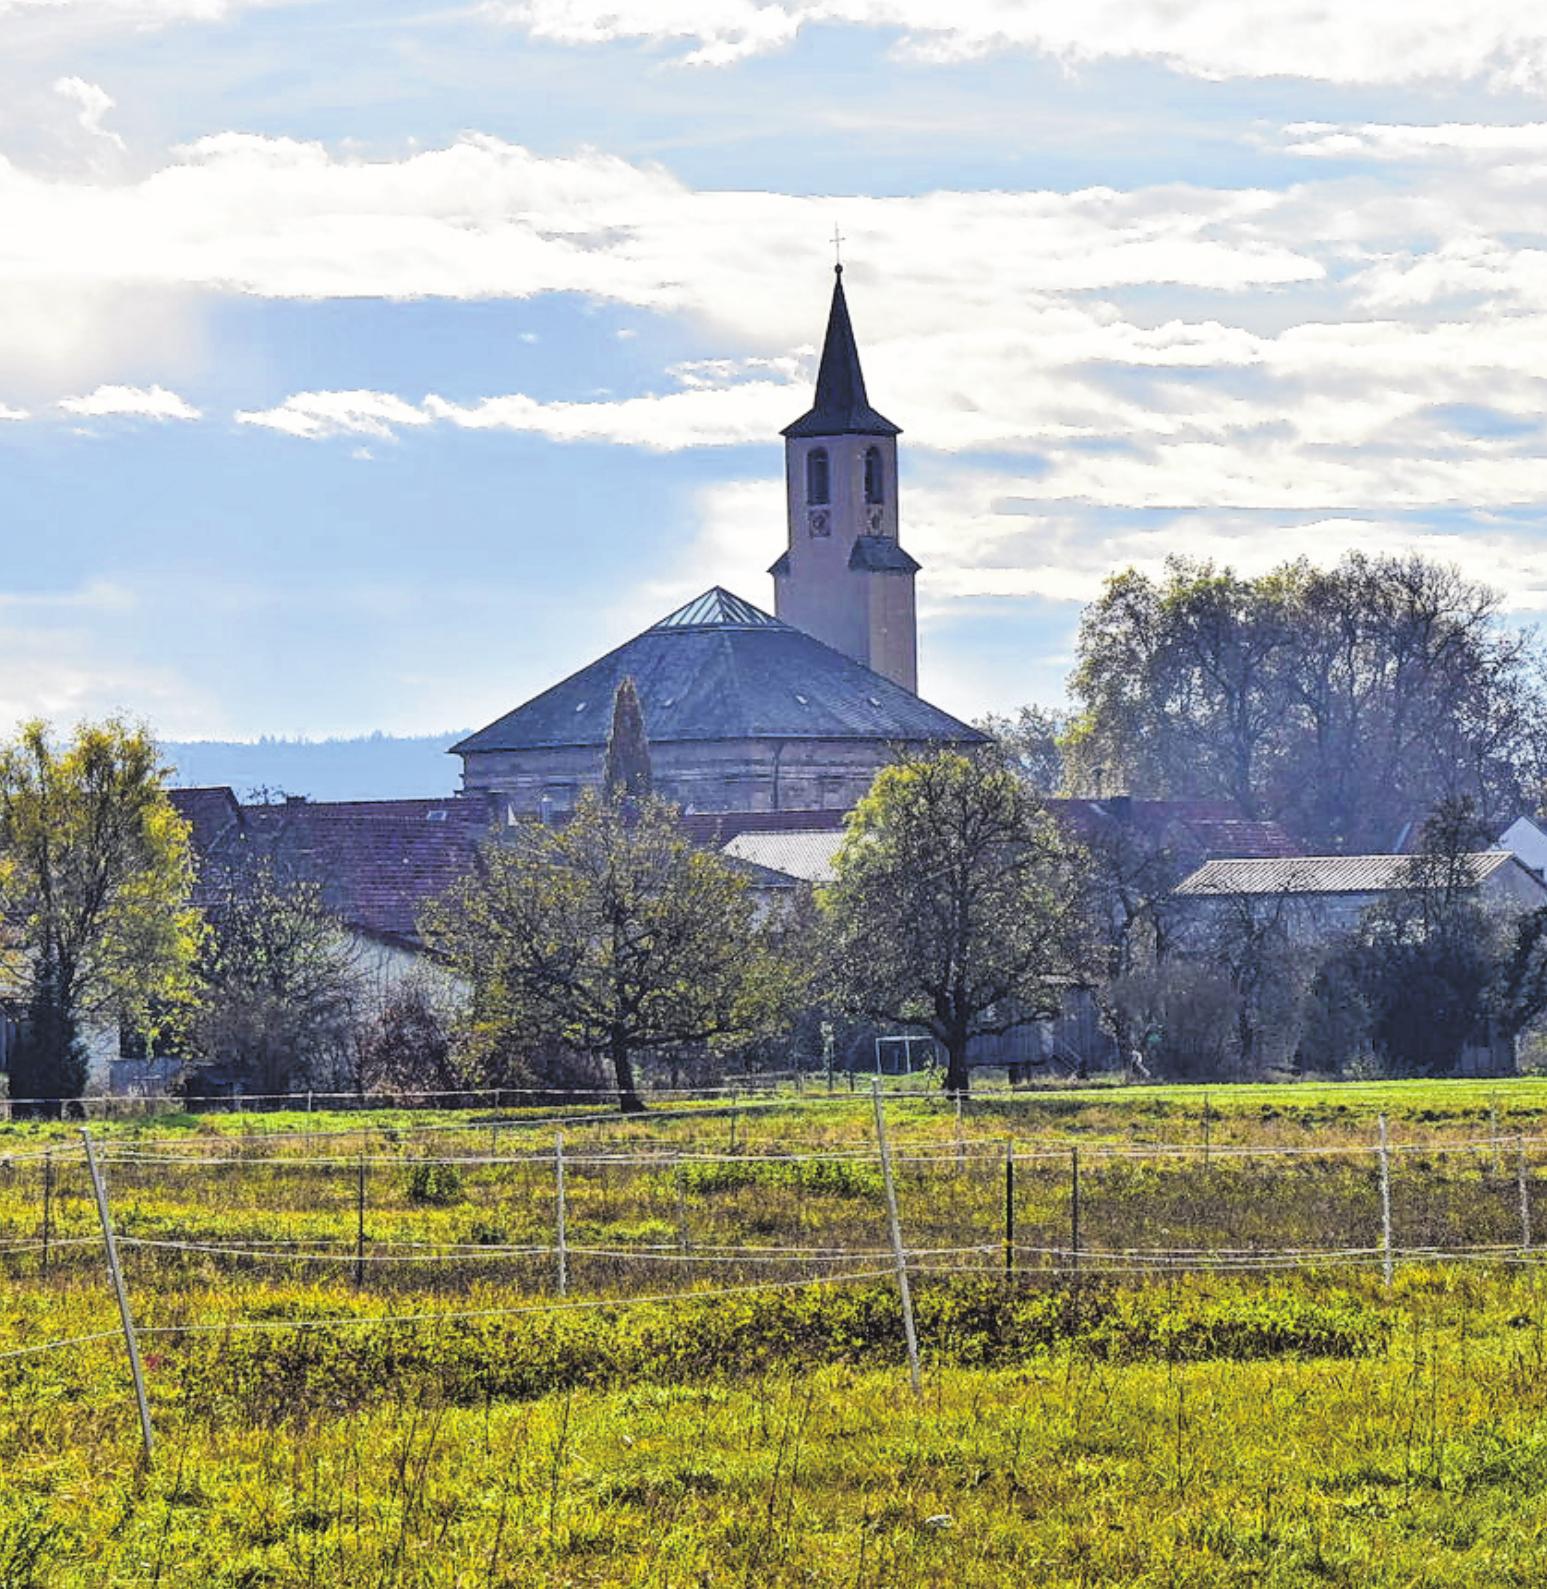 Die Sankt-Andreas-Kirche ist der Mittelpunkt der Gemeinde Wonfurt, die am kommenden Wochenende Kirchweih feiert.